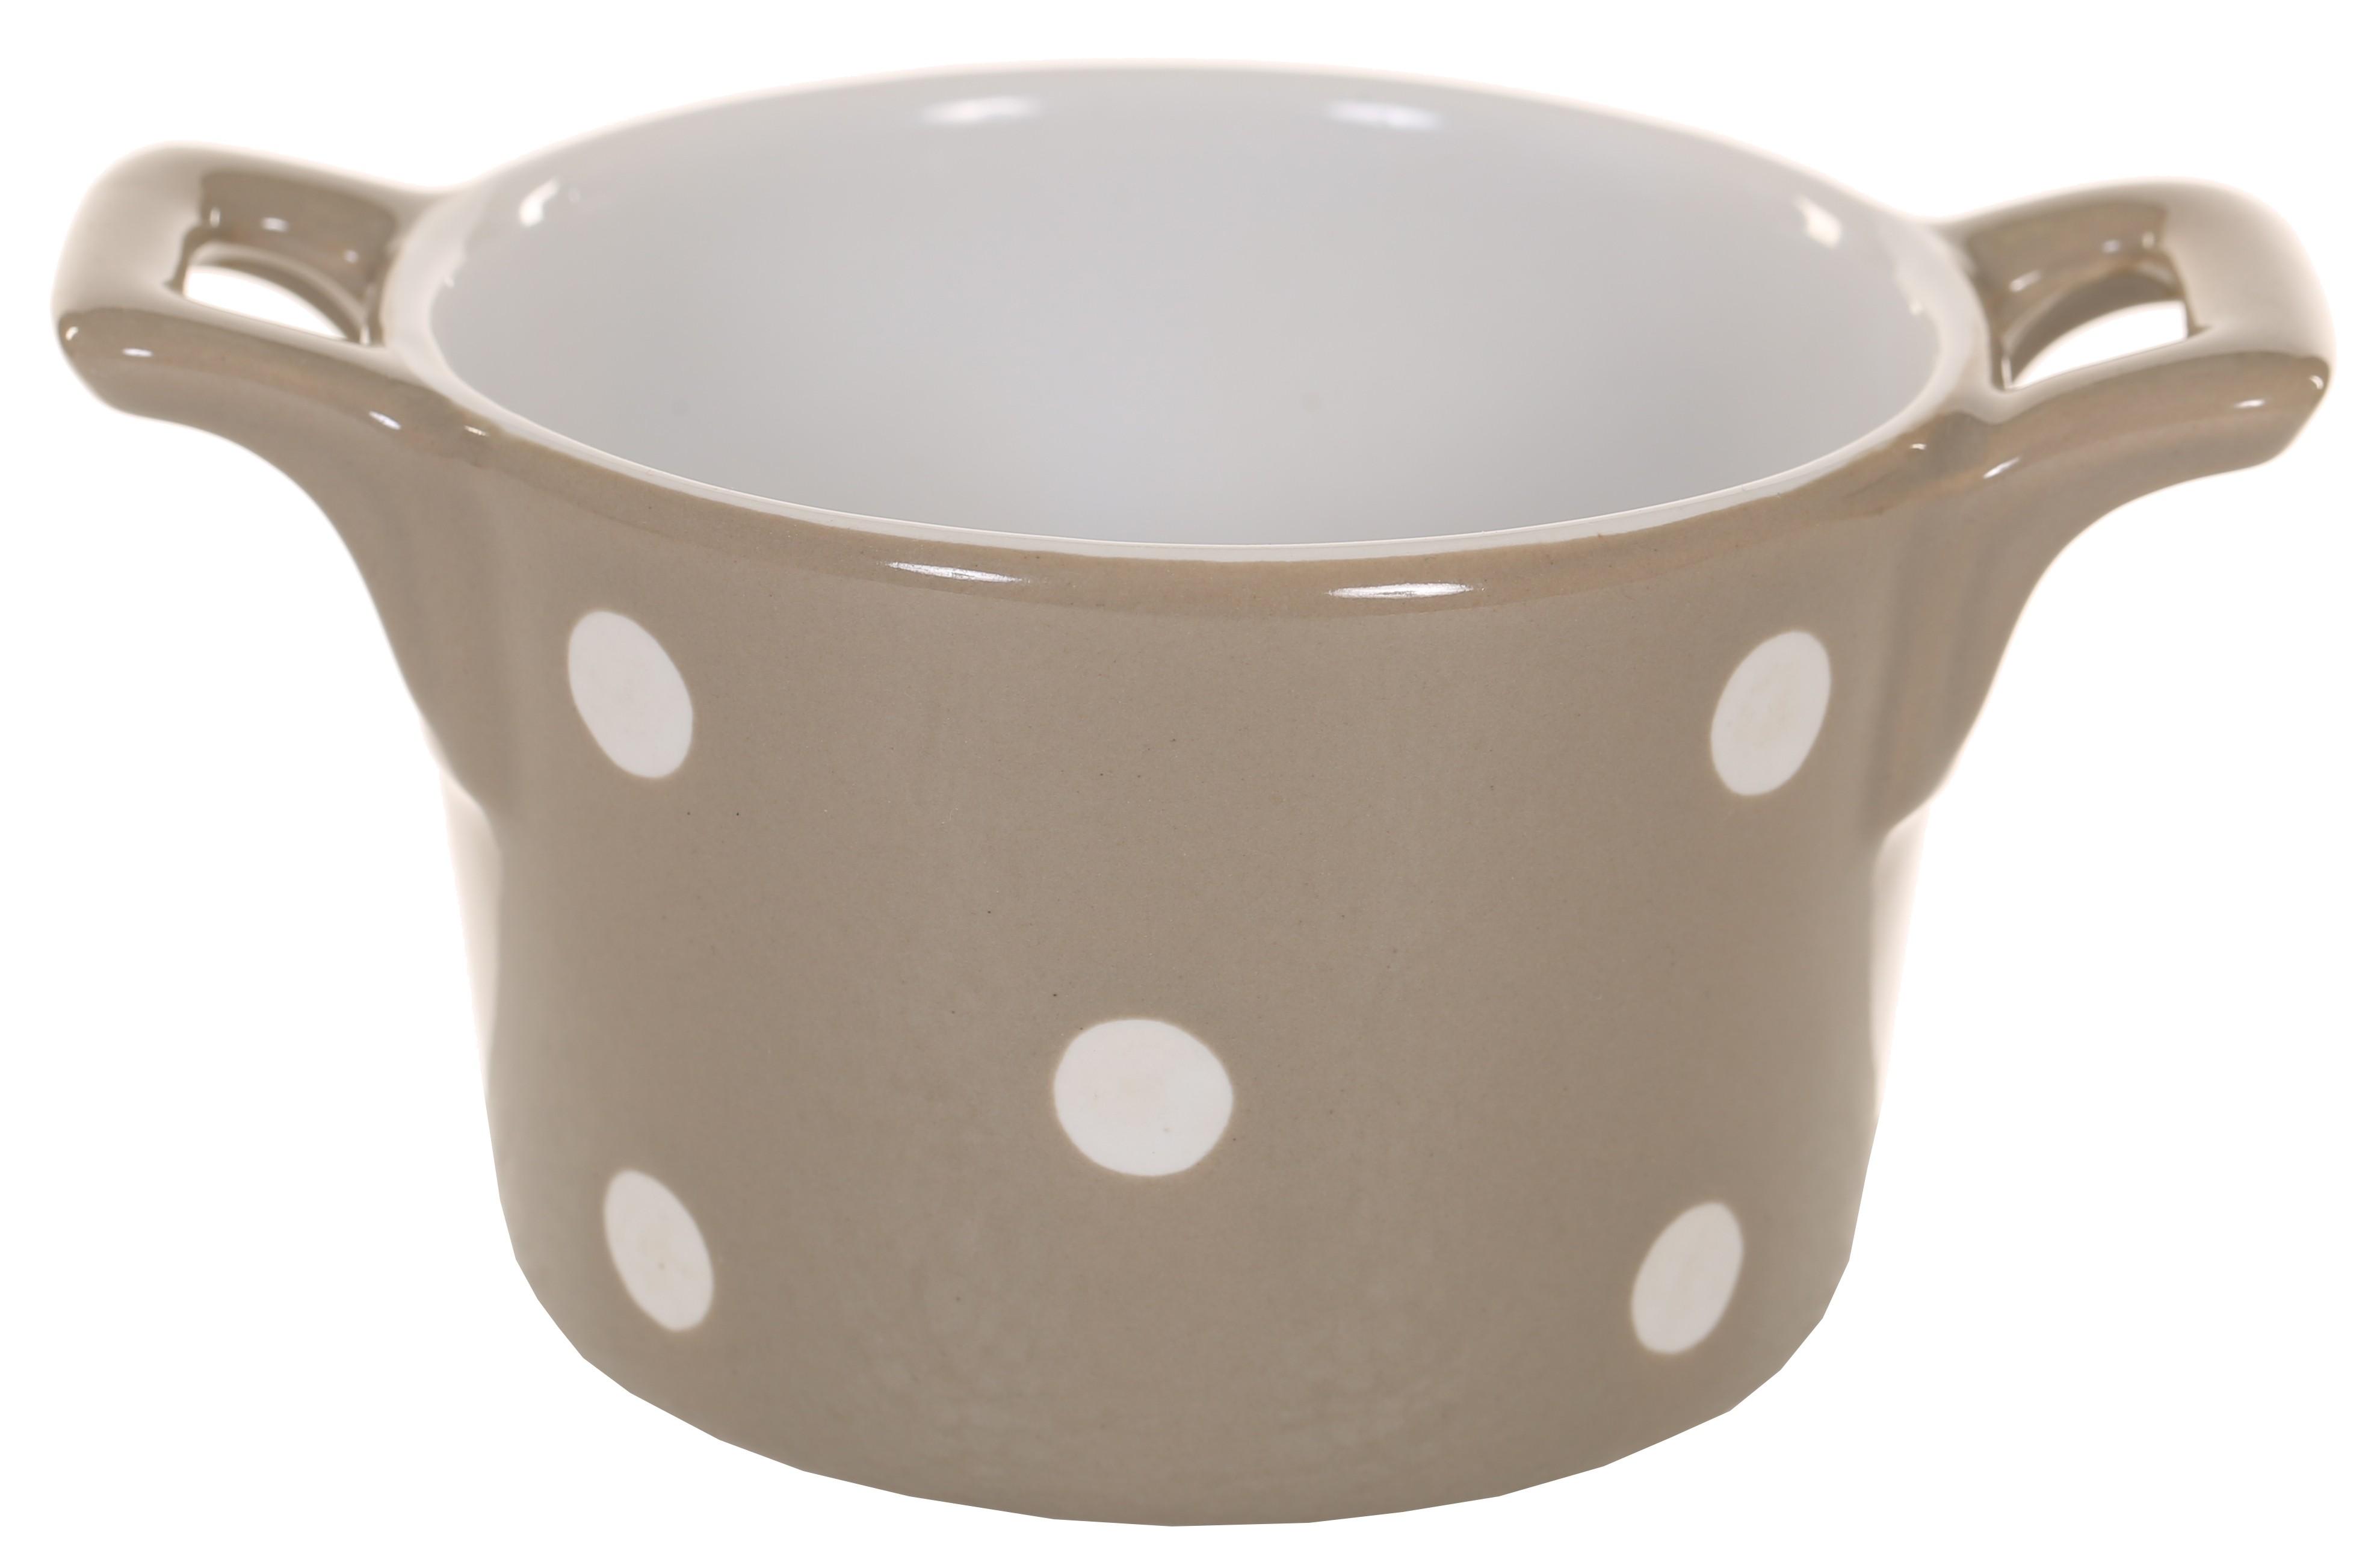 Muffin kleine Backform Keramik Beige mit weißen Punkten